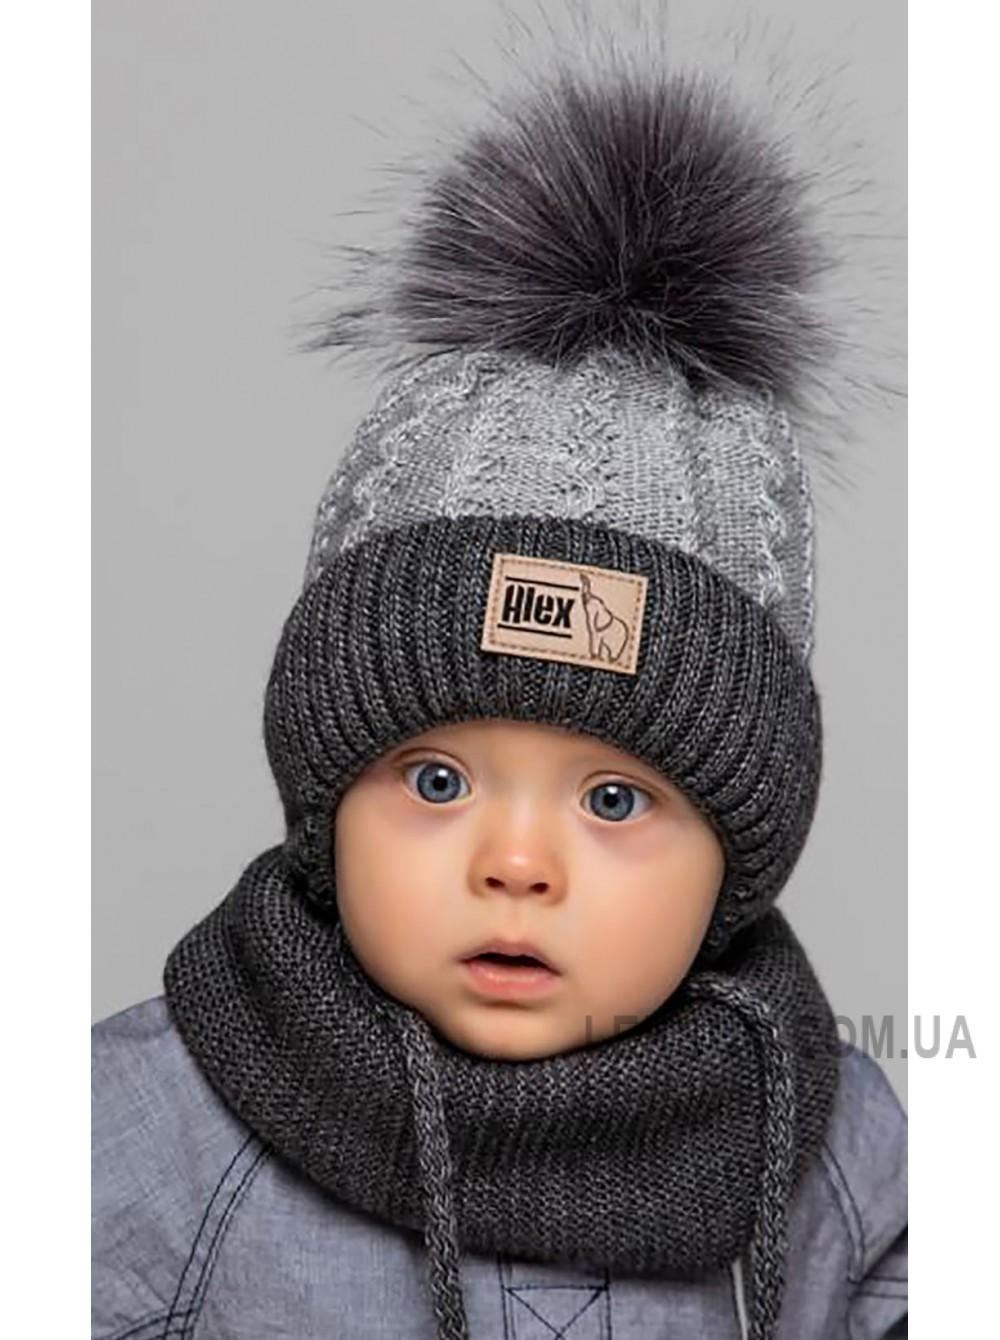 Детская вязаная шапка D668295-42-46 Малюк